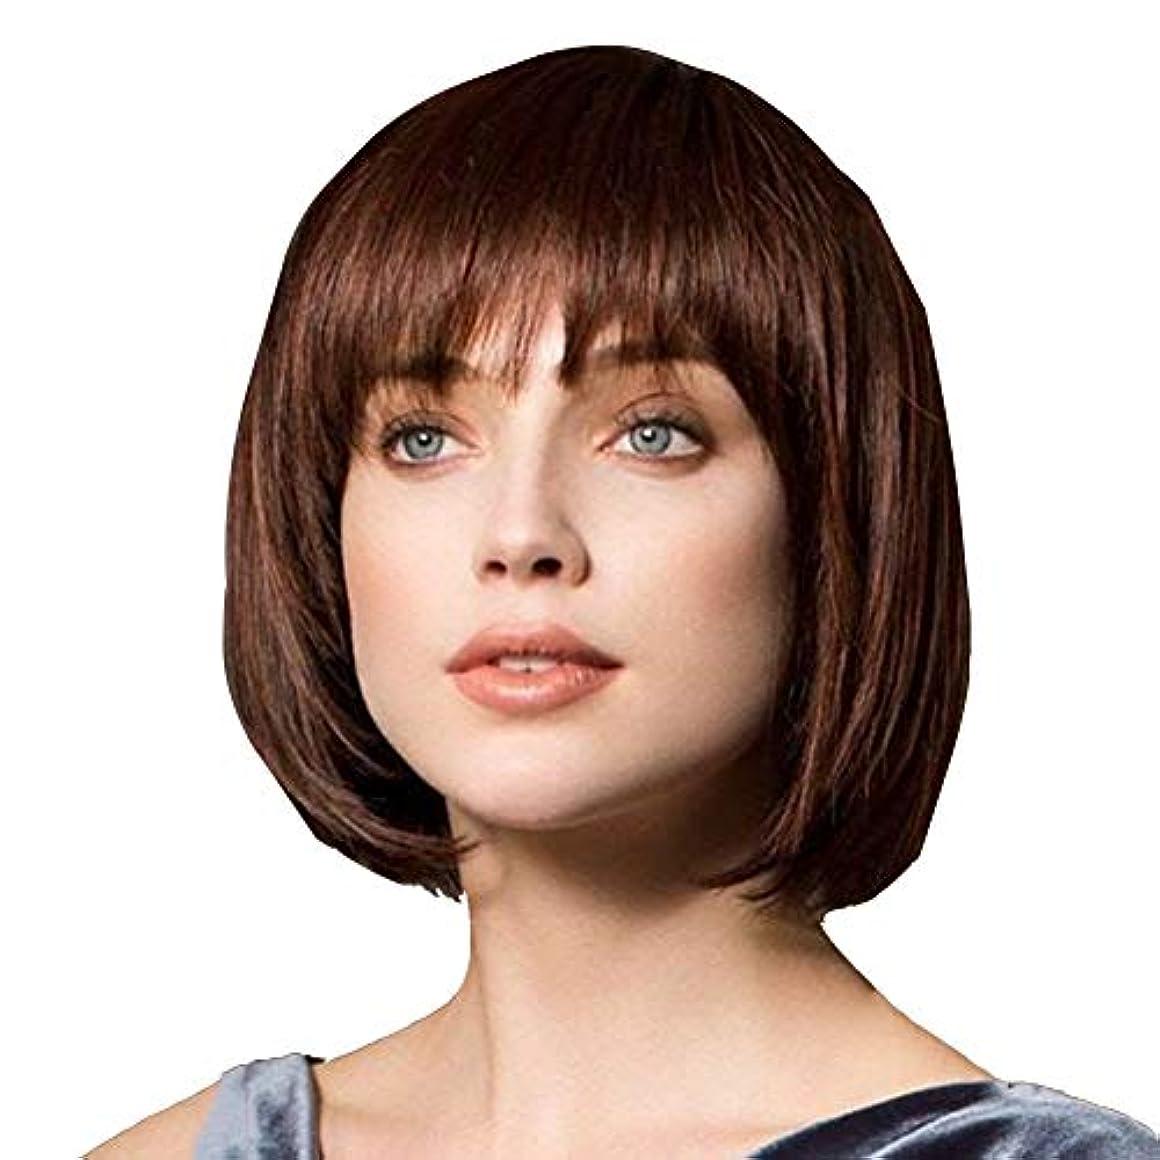 クリーナーハント銅女性用ボブショートストレートウィッグナチュラルヒートレジストコスパリーパーティーヘアウィッグブラック65 cm人工毛ウィッグ (Color : Brown)